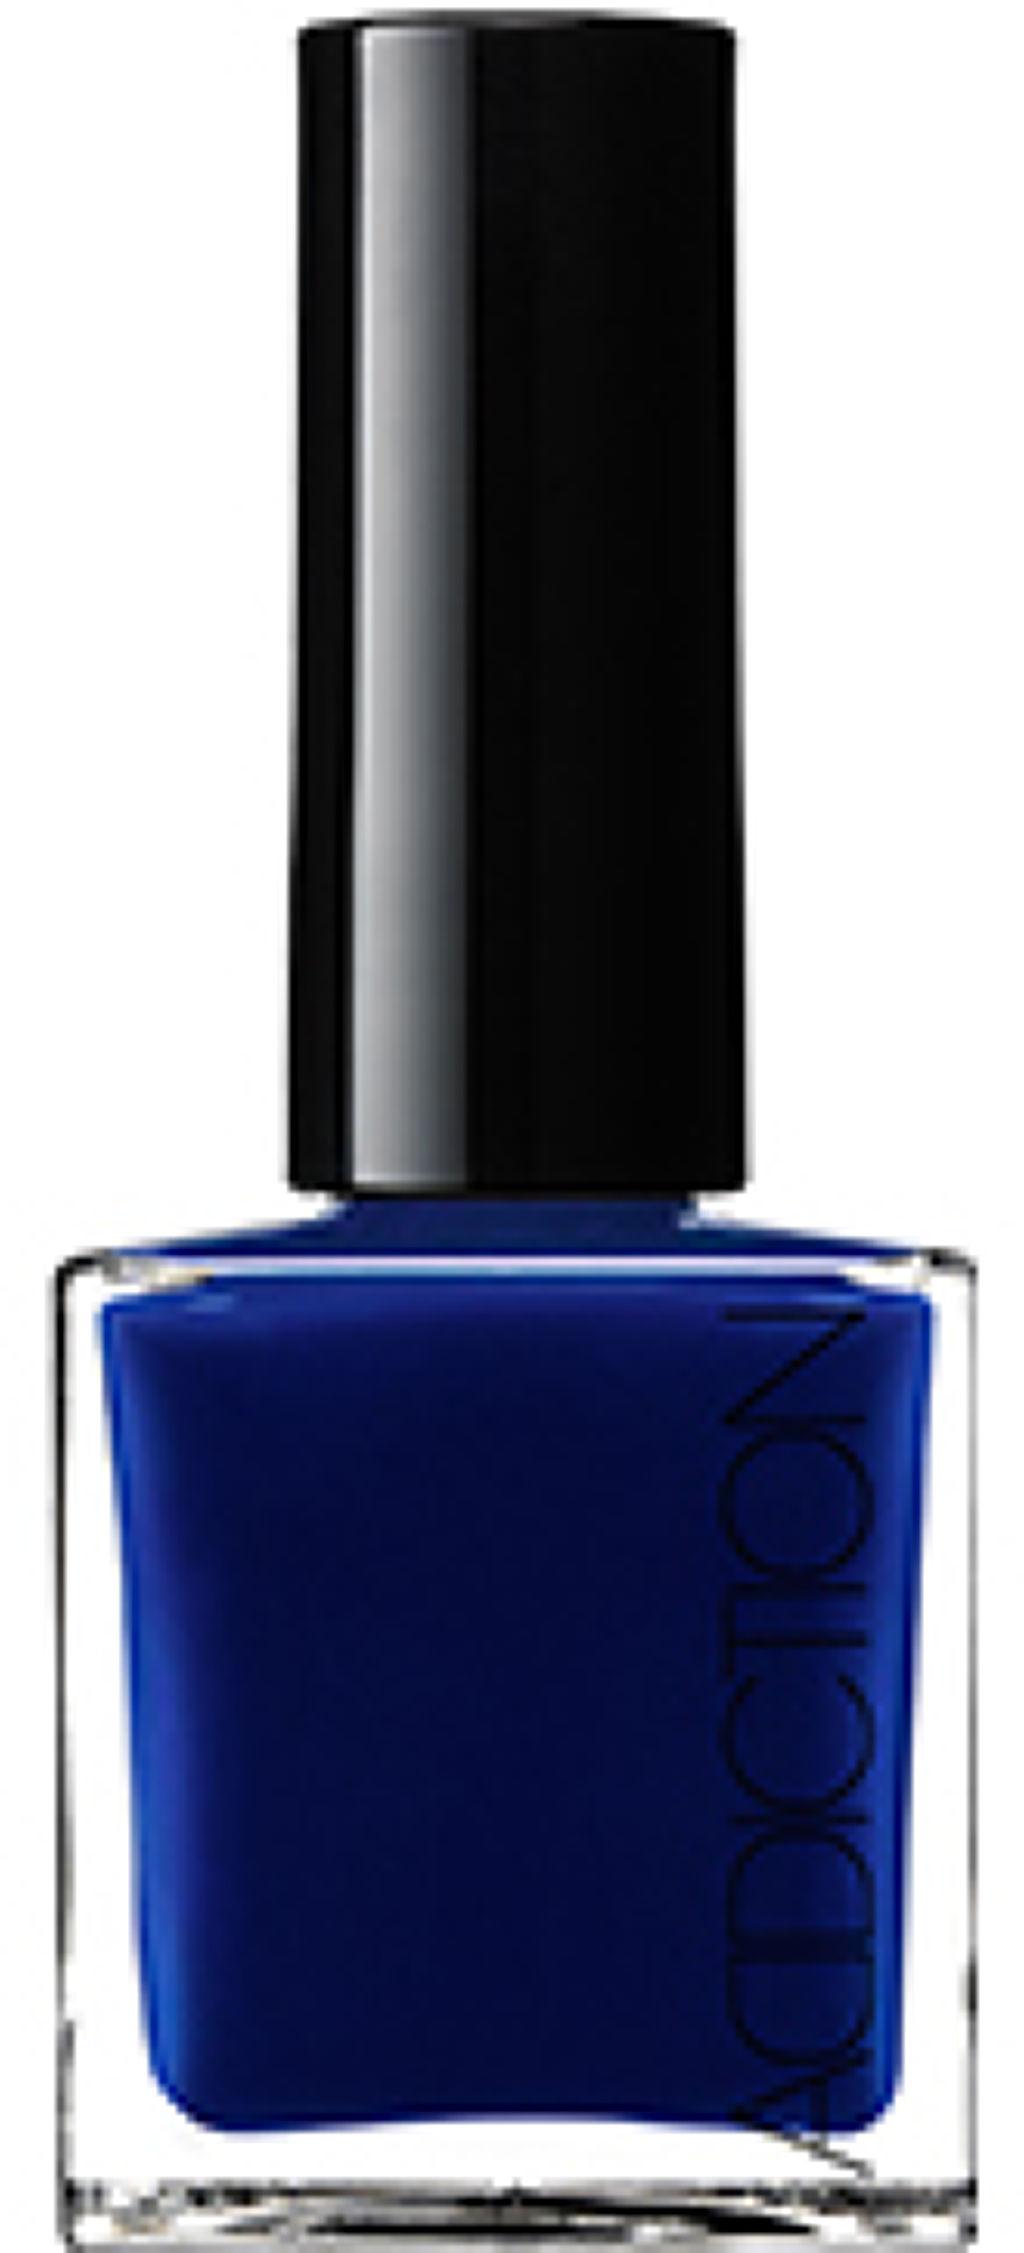 ザ ネイルポリッシュ 059S The Blue City